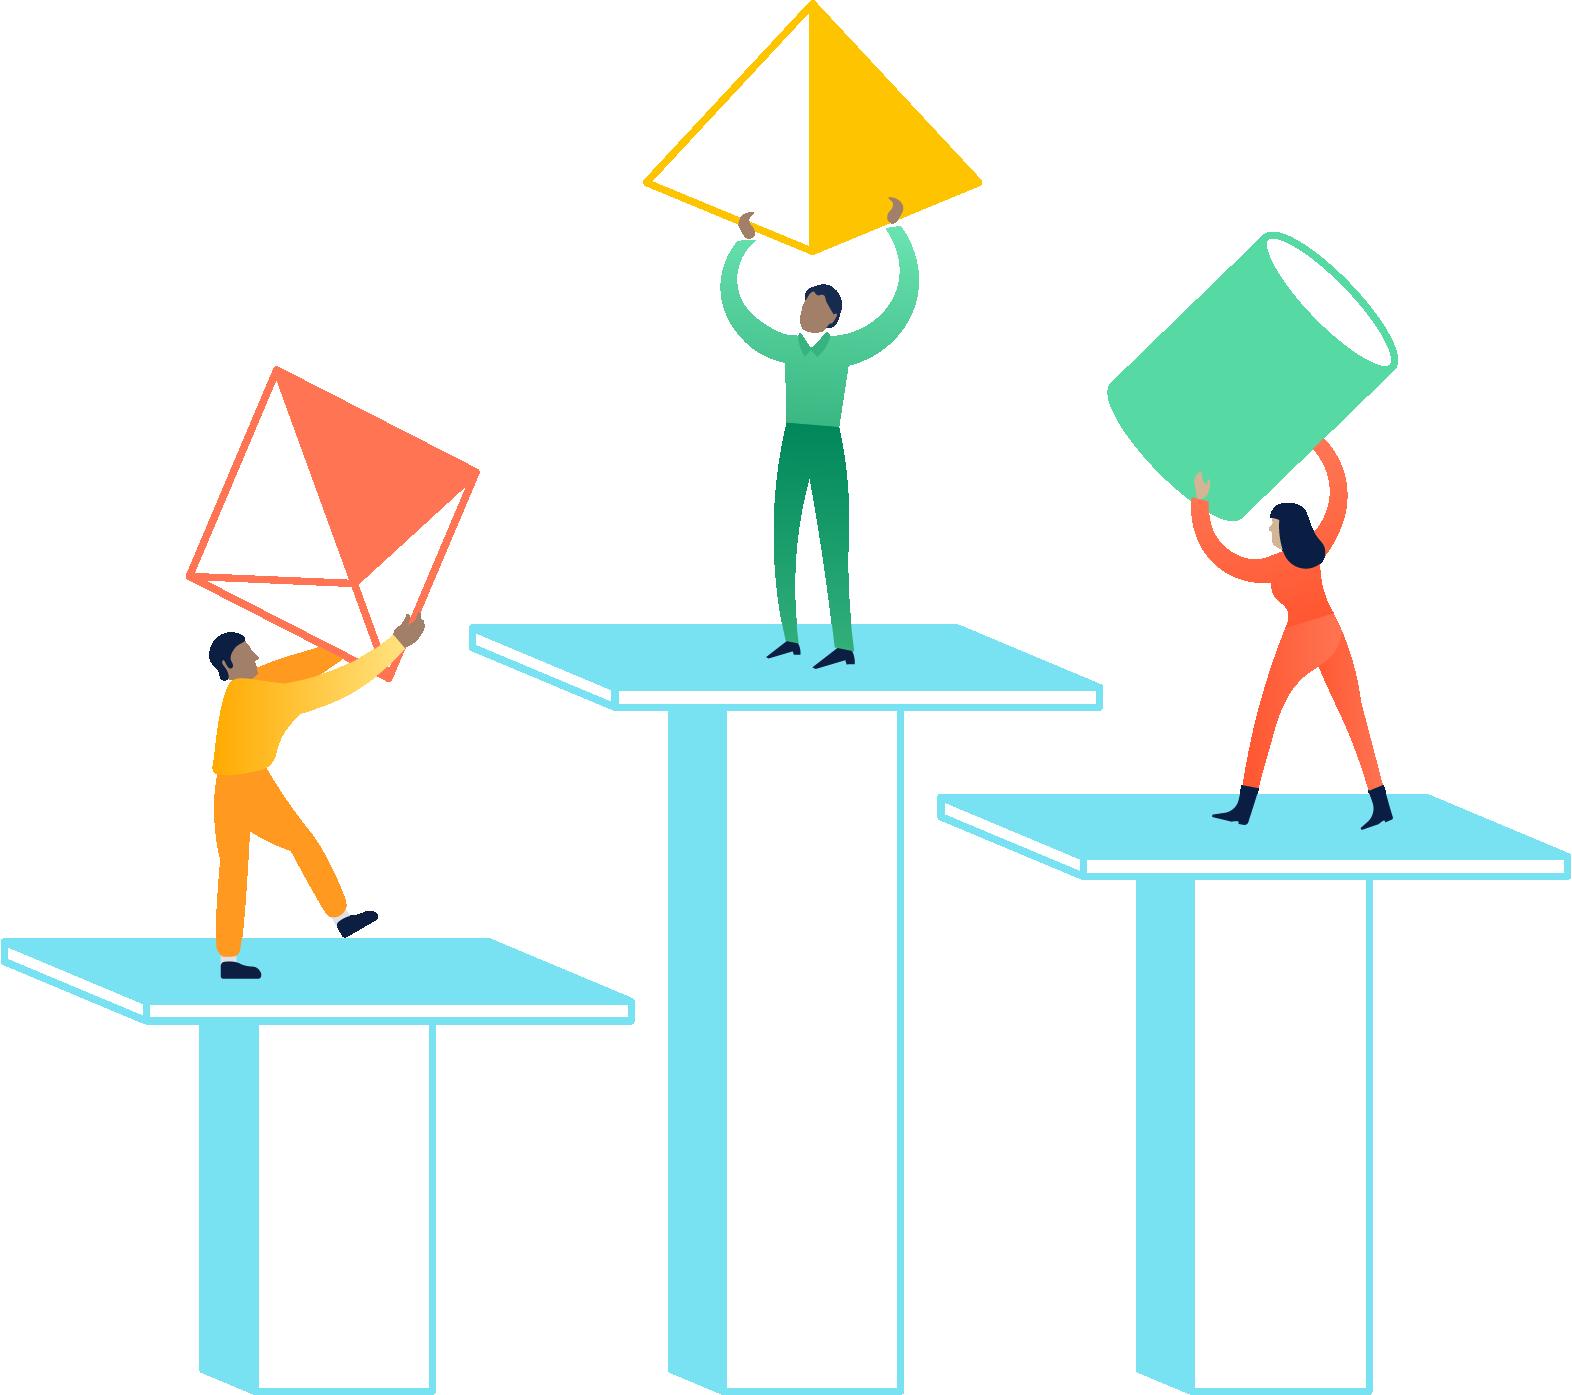 高绩效 IT 团队的五个秘密